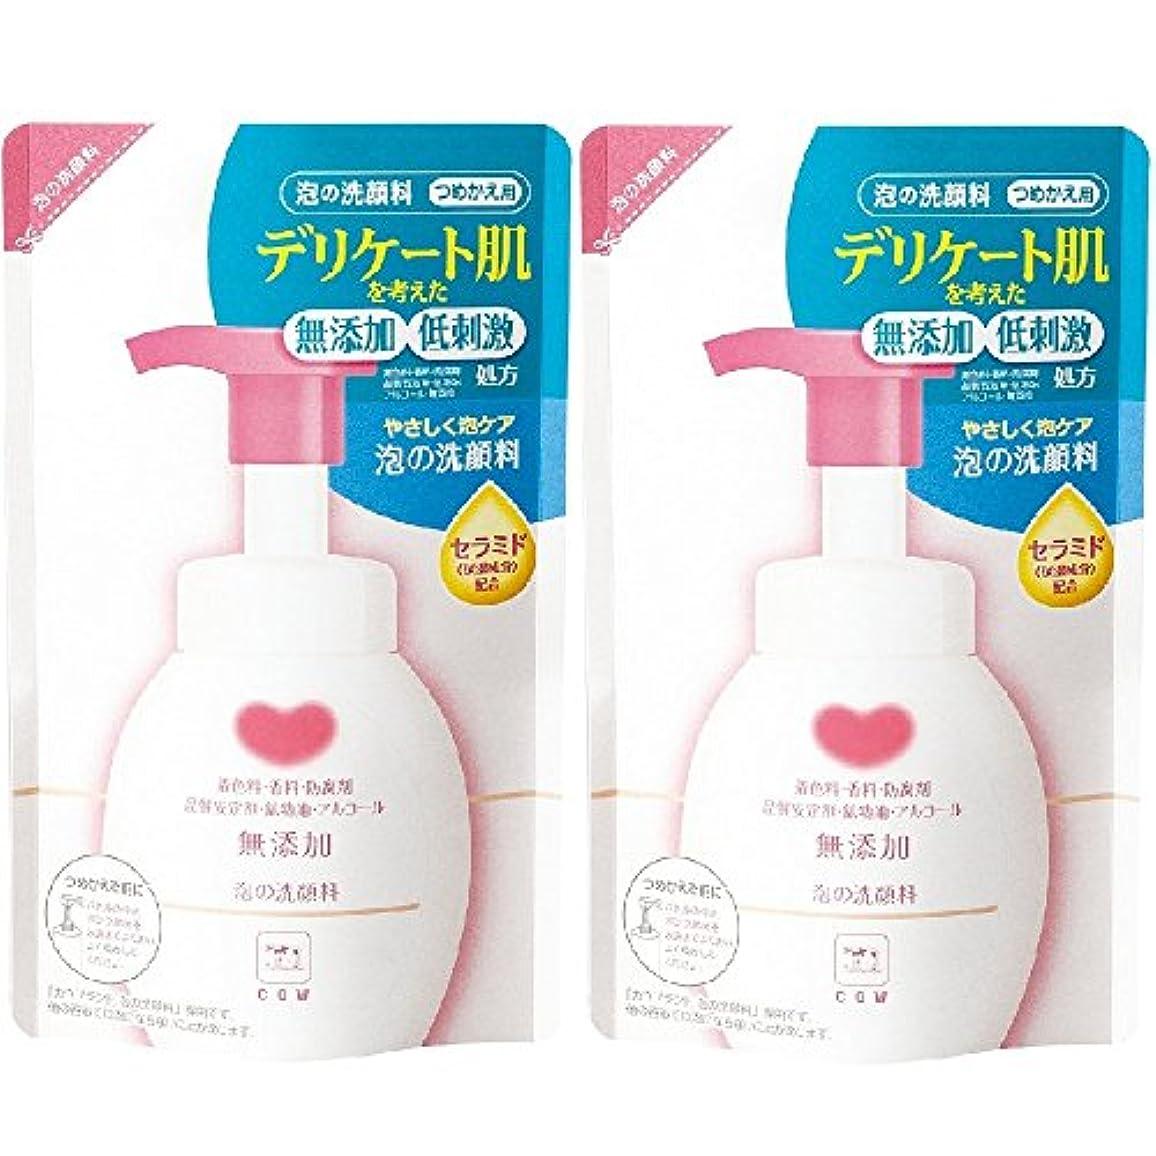 自分のためにレモンシェアカウブランド 無添加 泡の洗顔料 詰替用 2個組 (180mL×2個)